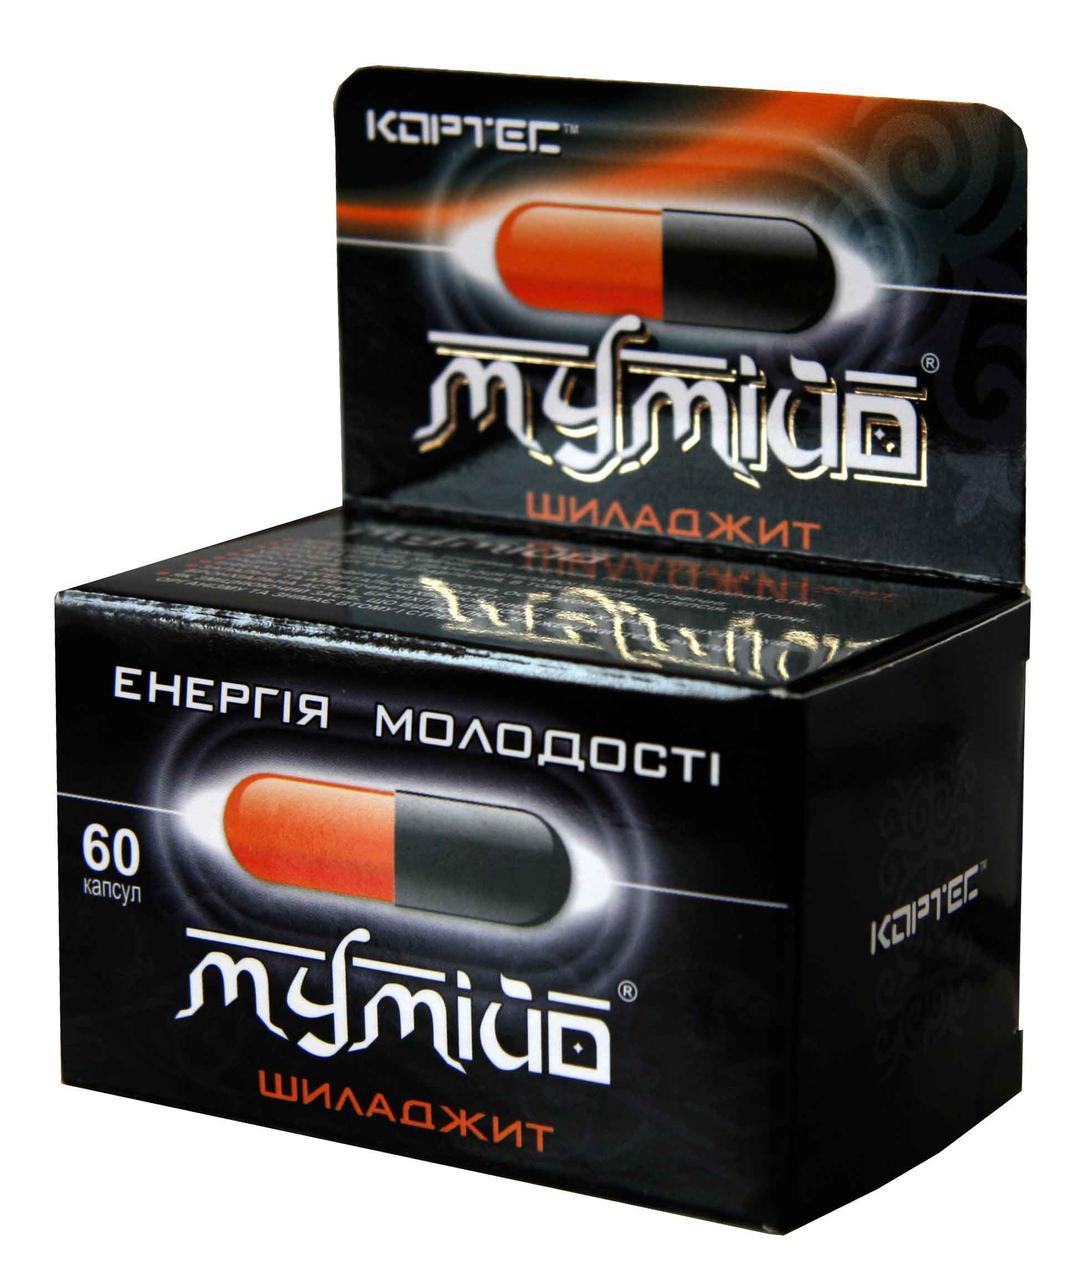 Мумие шиладжит, №60